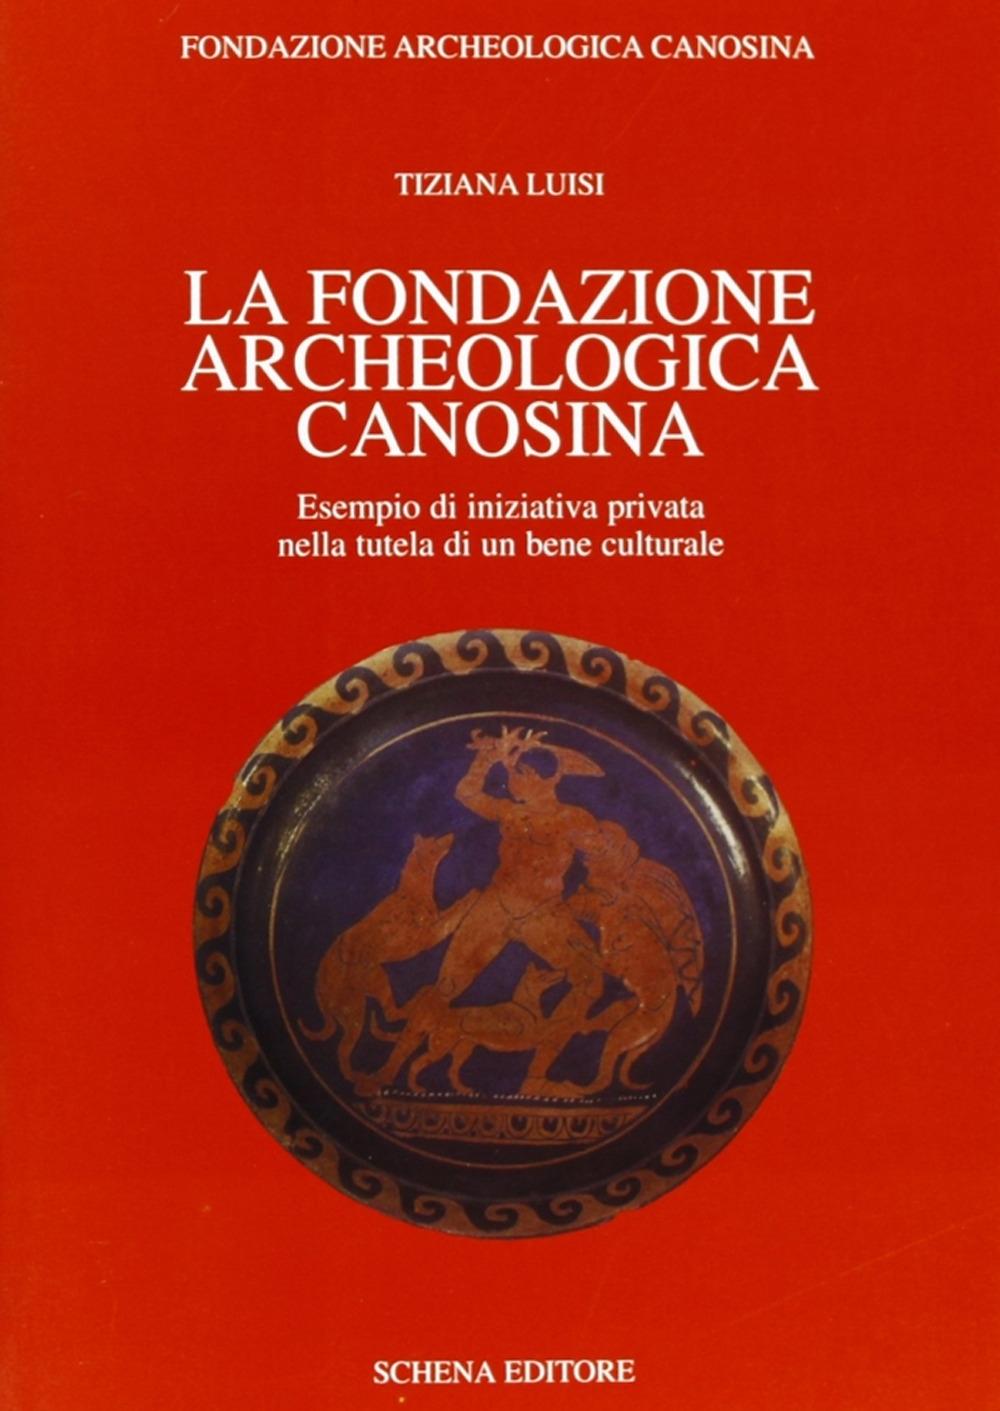 La Fondazione archeologica canosina. Esempio di iniziativa privata nella tutela di un bene culturale